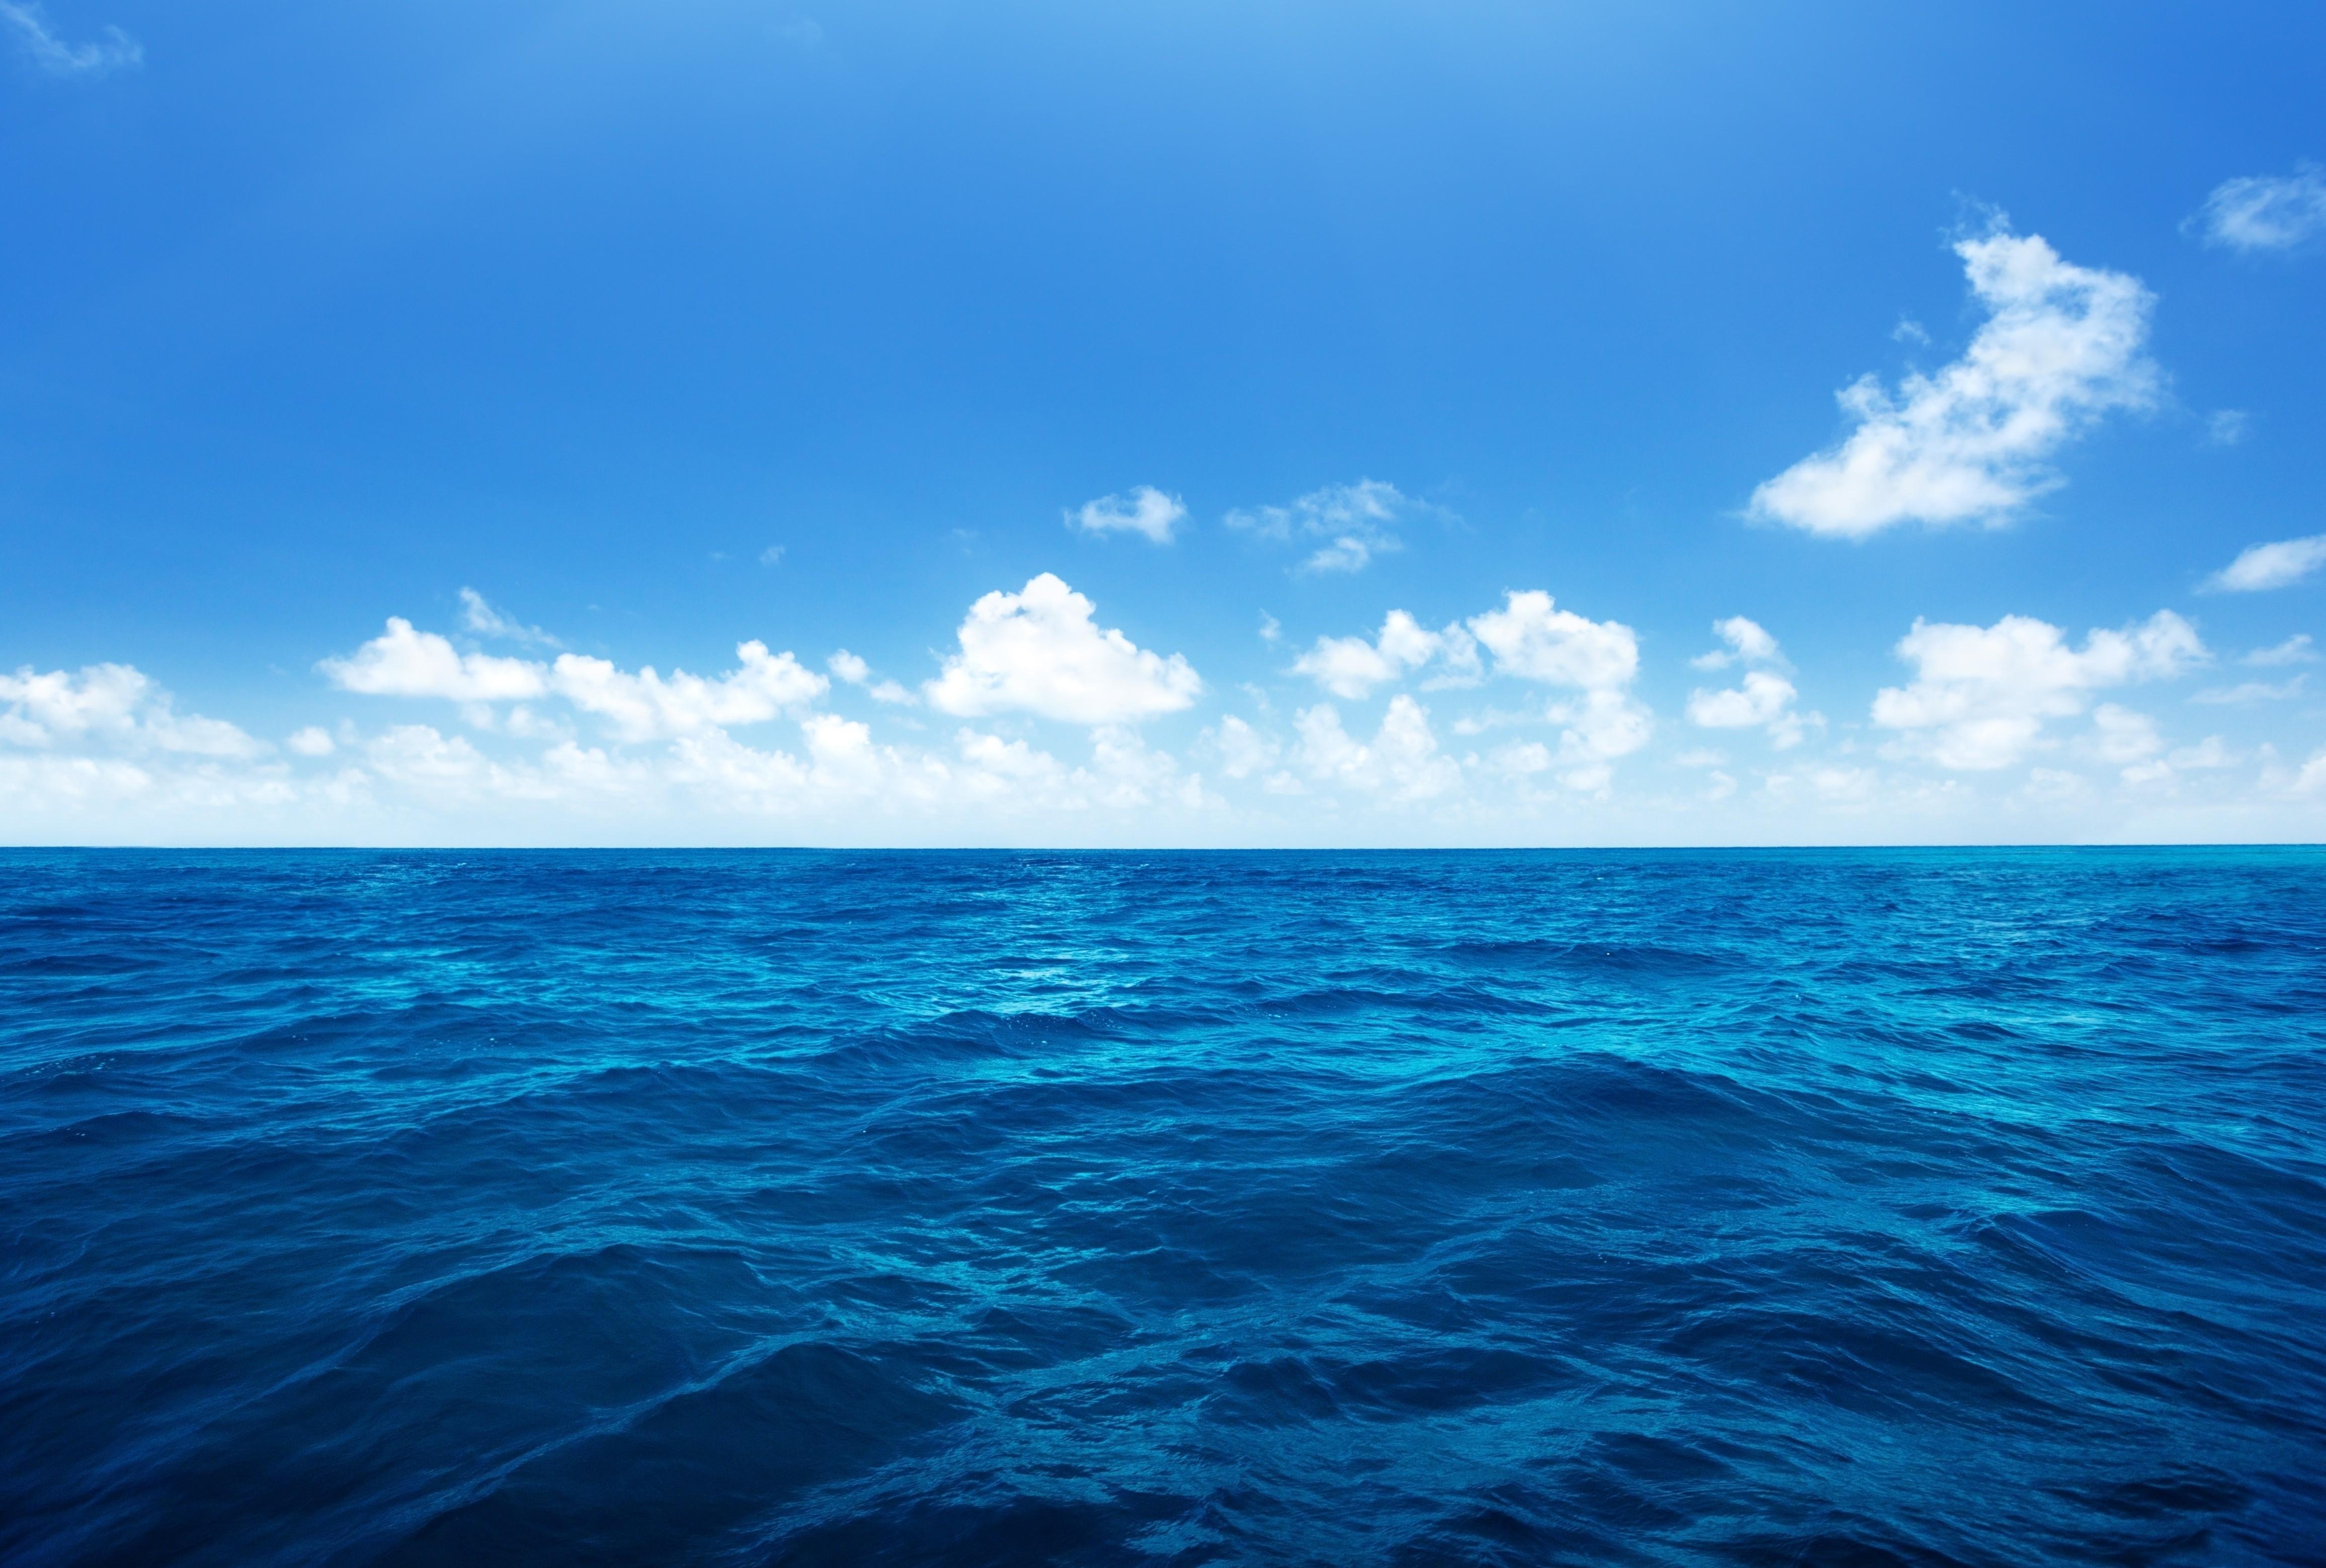 ocean wallpaper | allwallpaper.in #5259 | pc | en